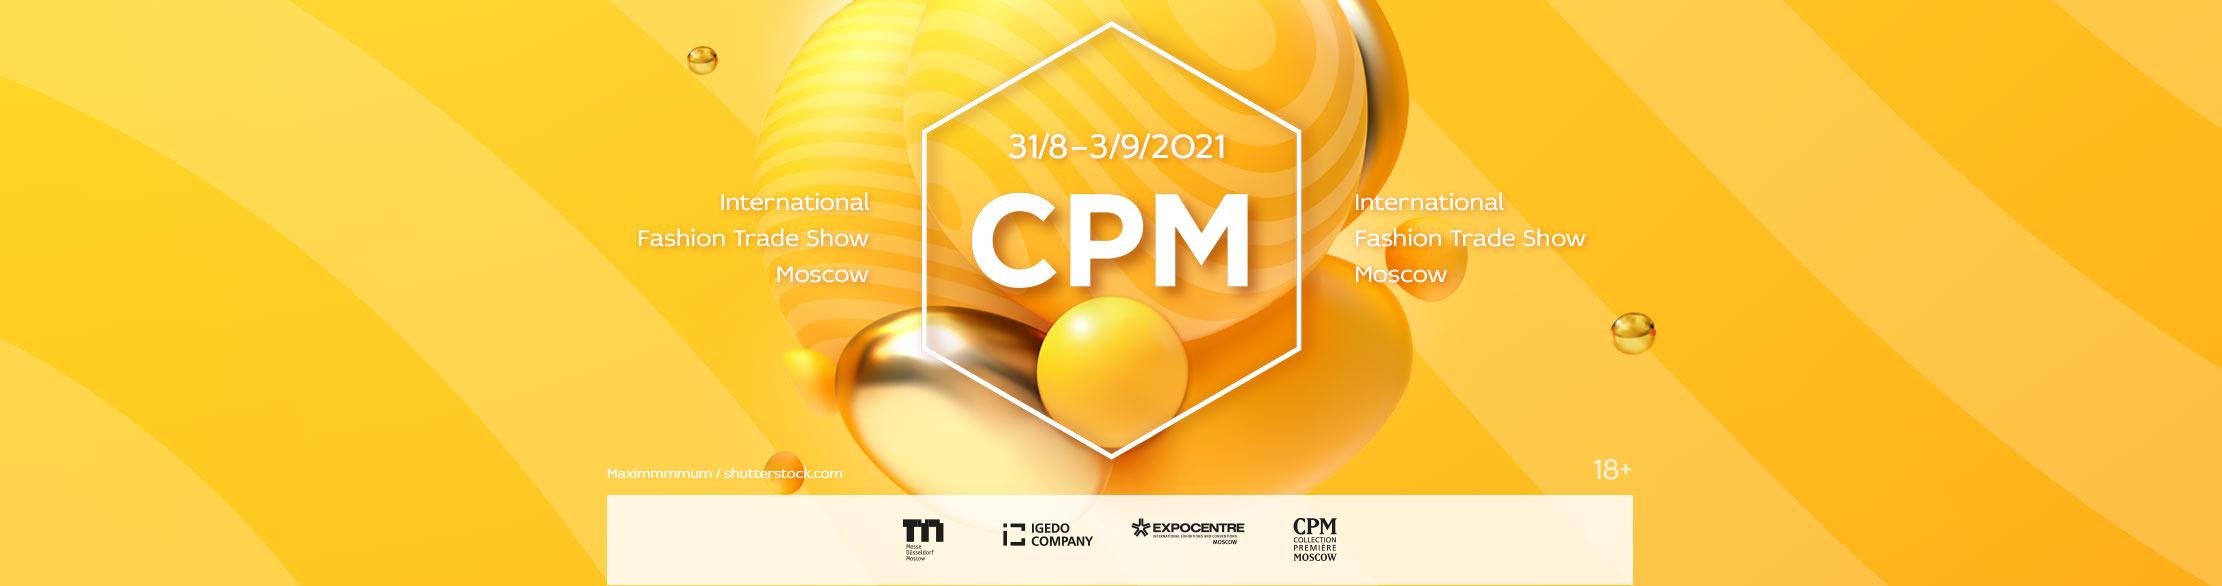 CPM_II_2021_cover